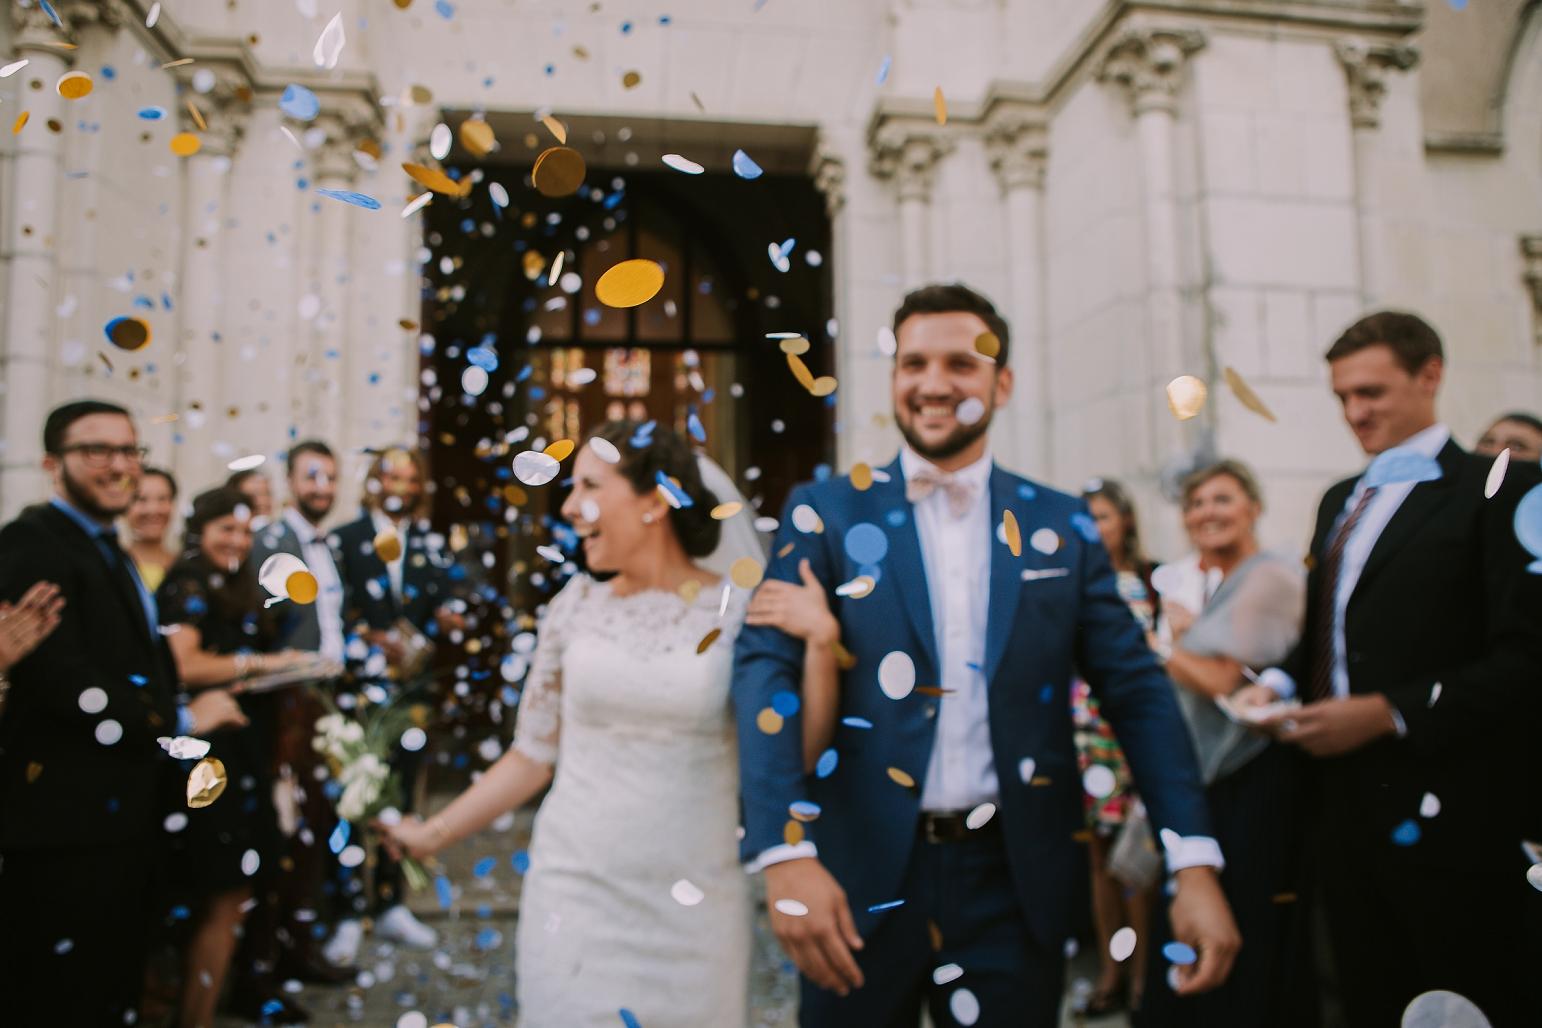 kateryna-photos-mariage-wedding-france-bretagne-pays-de-la-loire-chateau-de-la-colaissiere-st-sauveur-de-landemont_0044.jpg